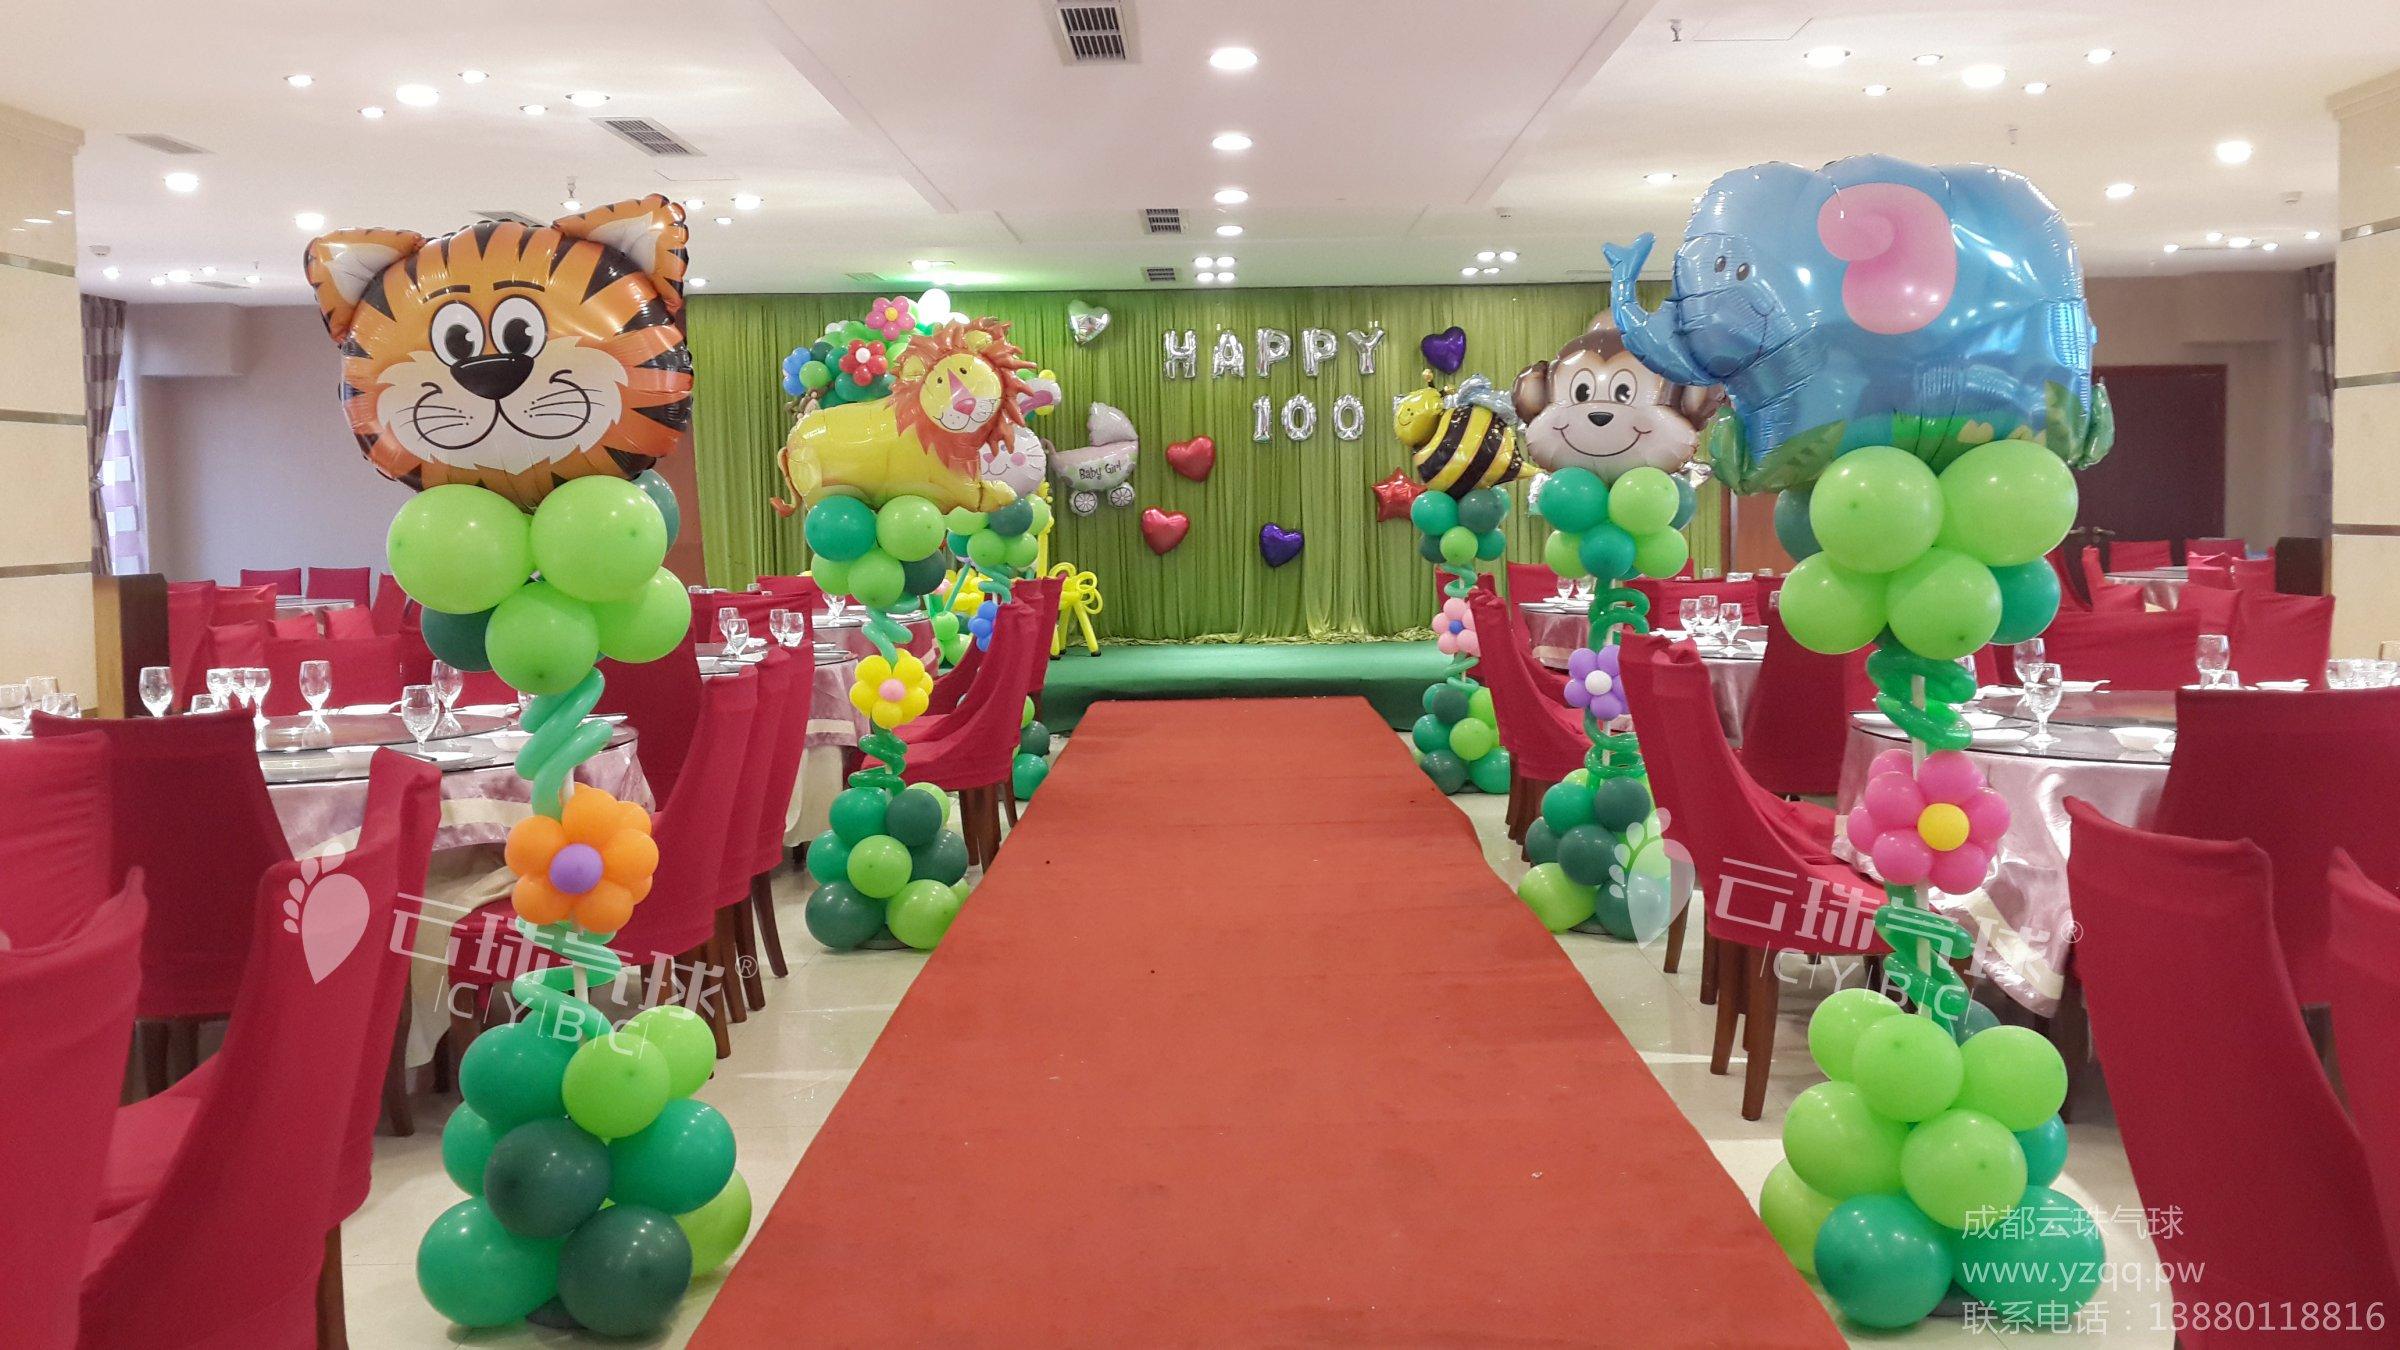 供应气球路引/卡通气球立柱/气球造型/宝宝宴气球装饰/成都气球造型装饰